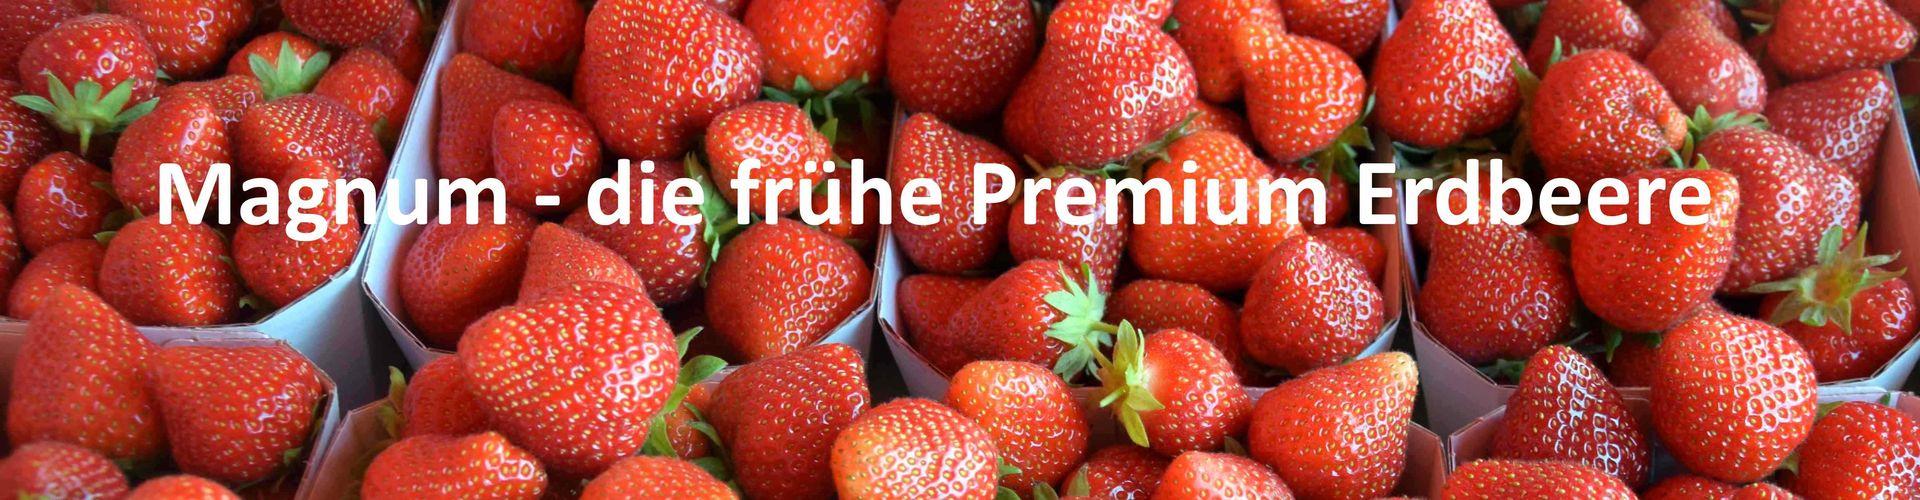 Magnum neue Erdbeersorte Geschmack Haltbarkeit Handel Direktvermarktung Erdbeere